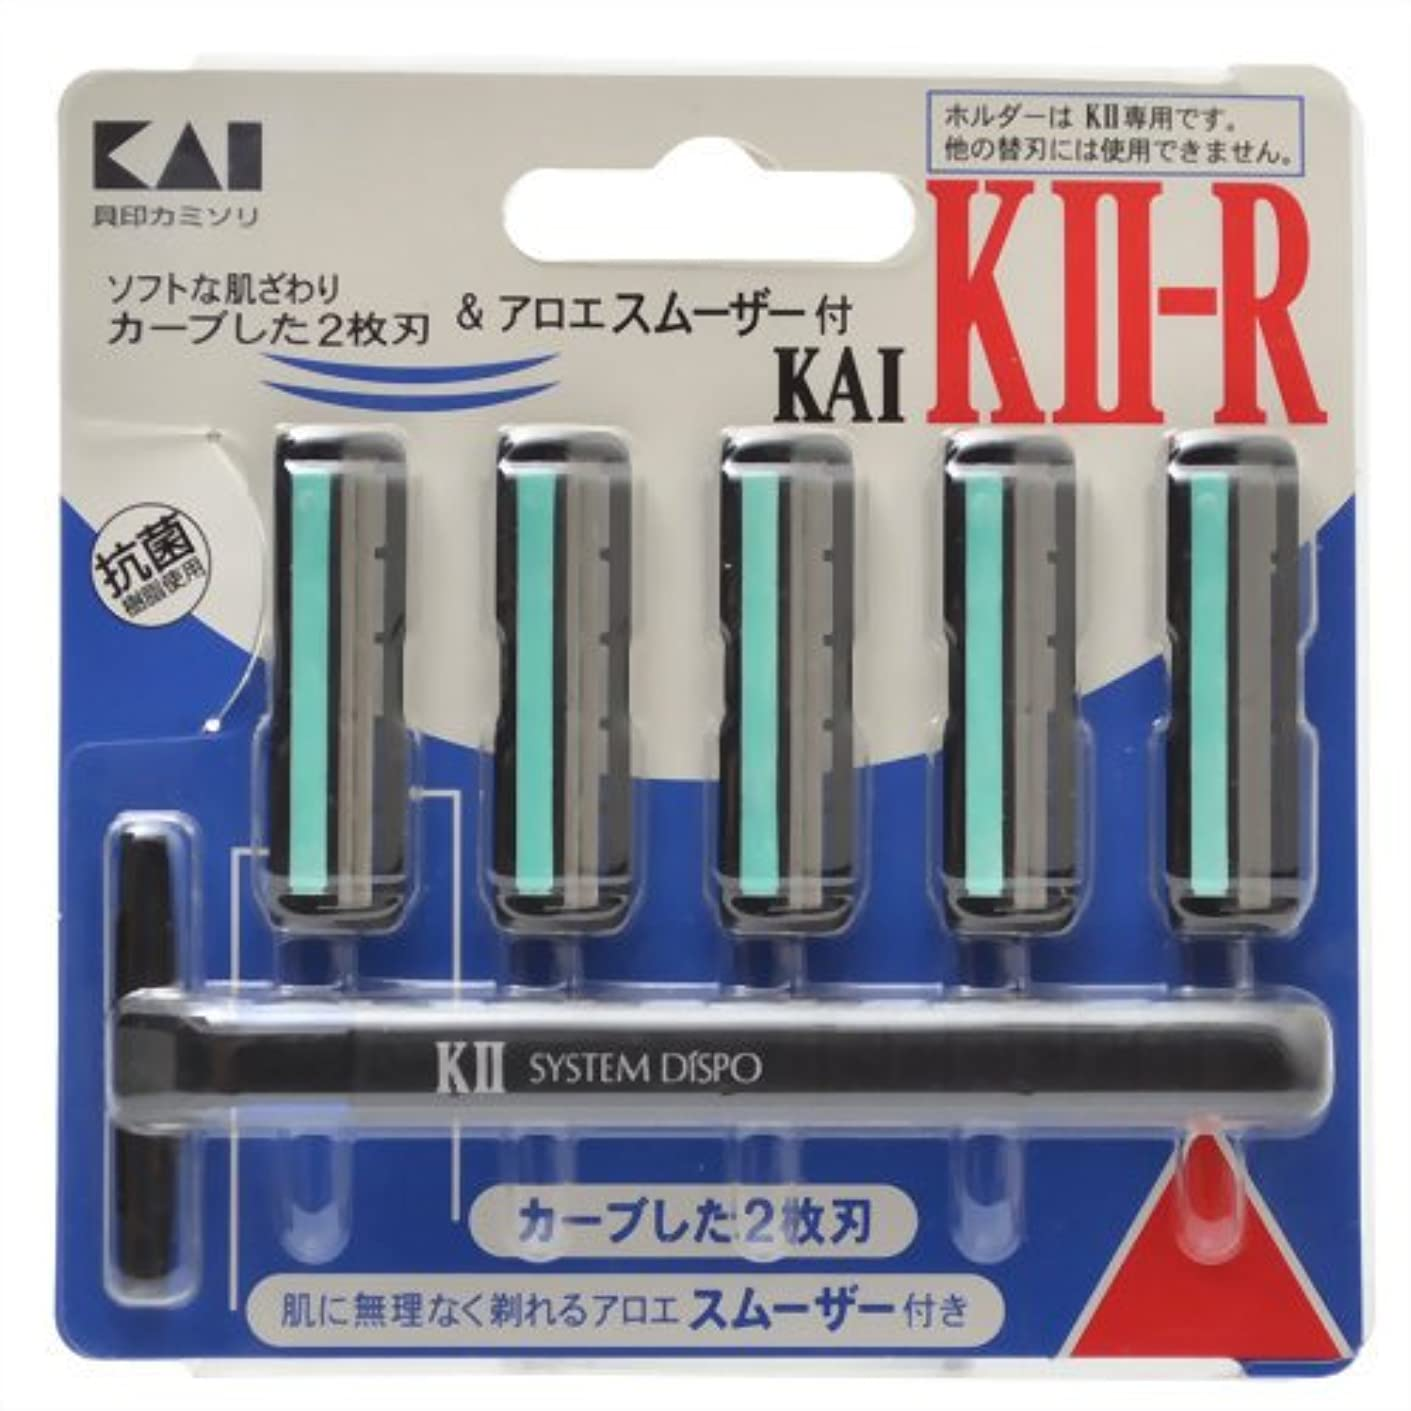 クローゼット宣言潜在的な貝印 KAI KII-R ひげそり用カミソリ アロエスムーザー付